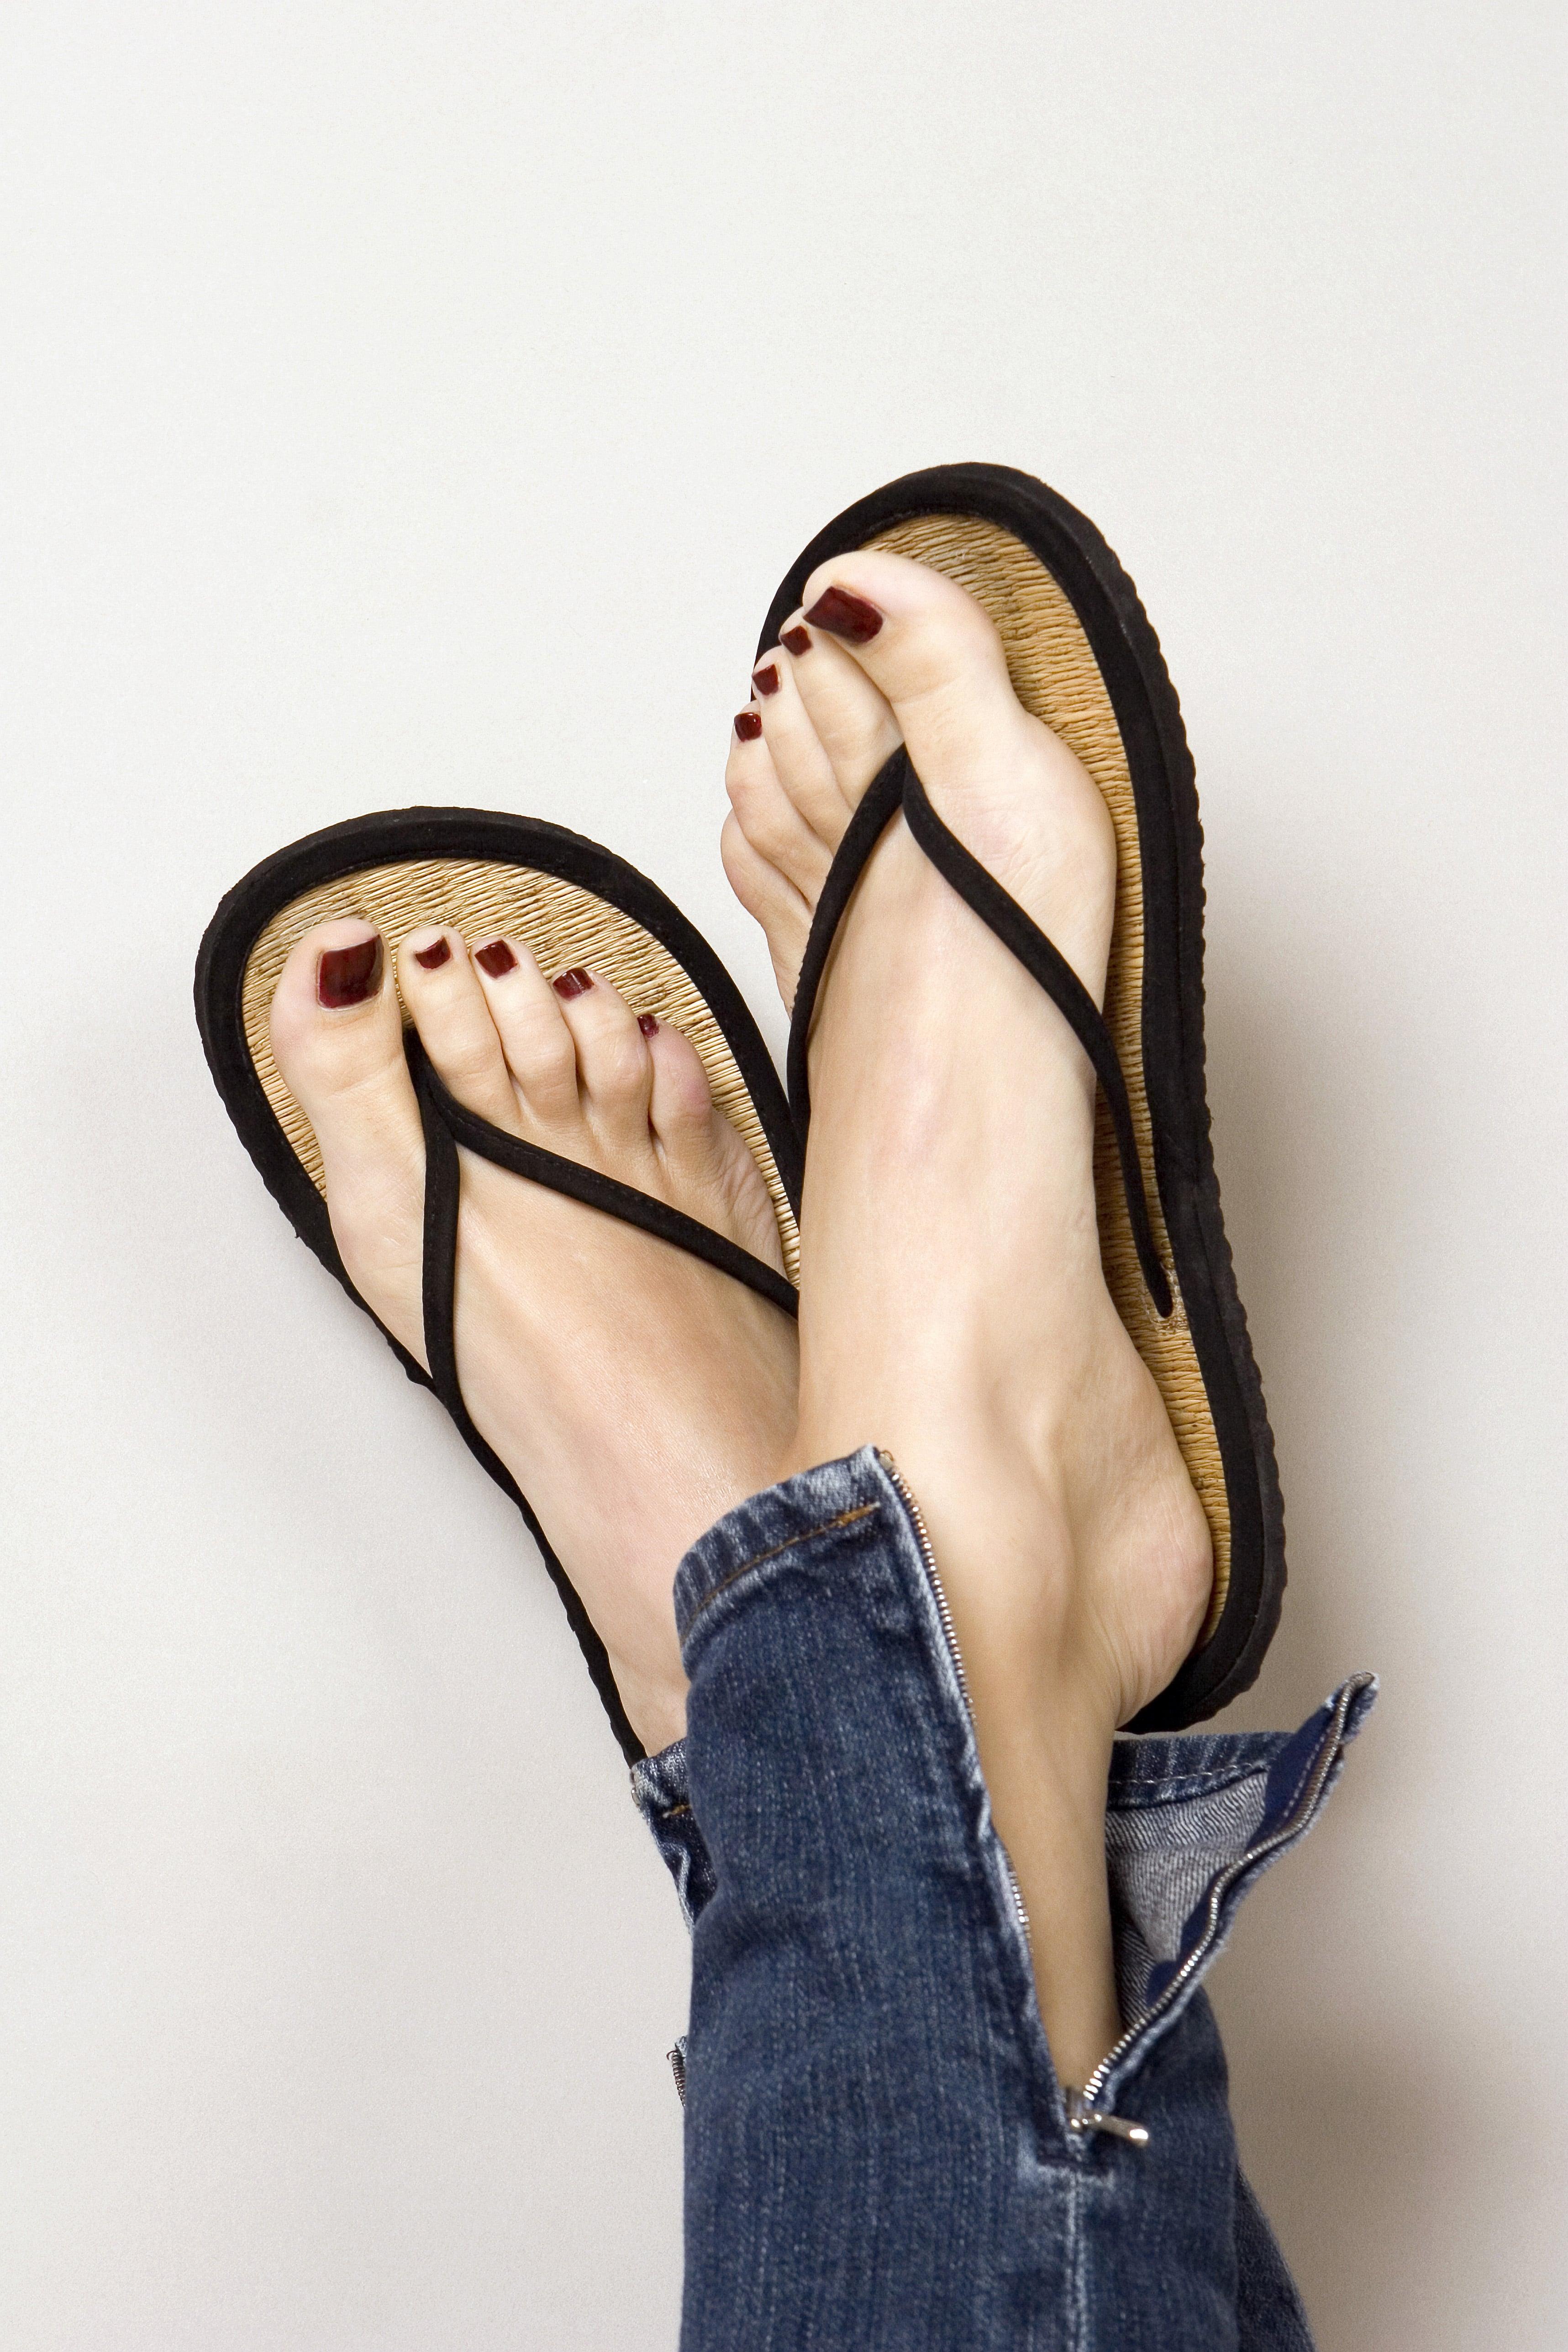 בשביל לקנות נעלים לא צריך לצאת מהבית